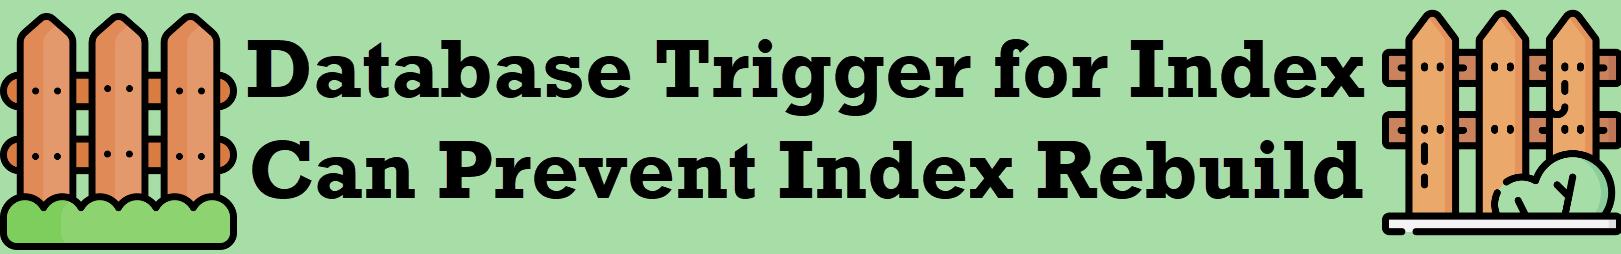 Prevent Index